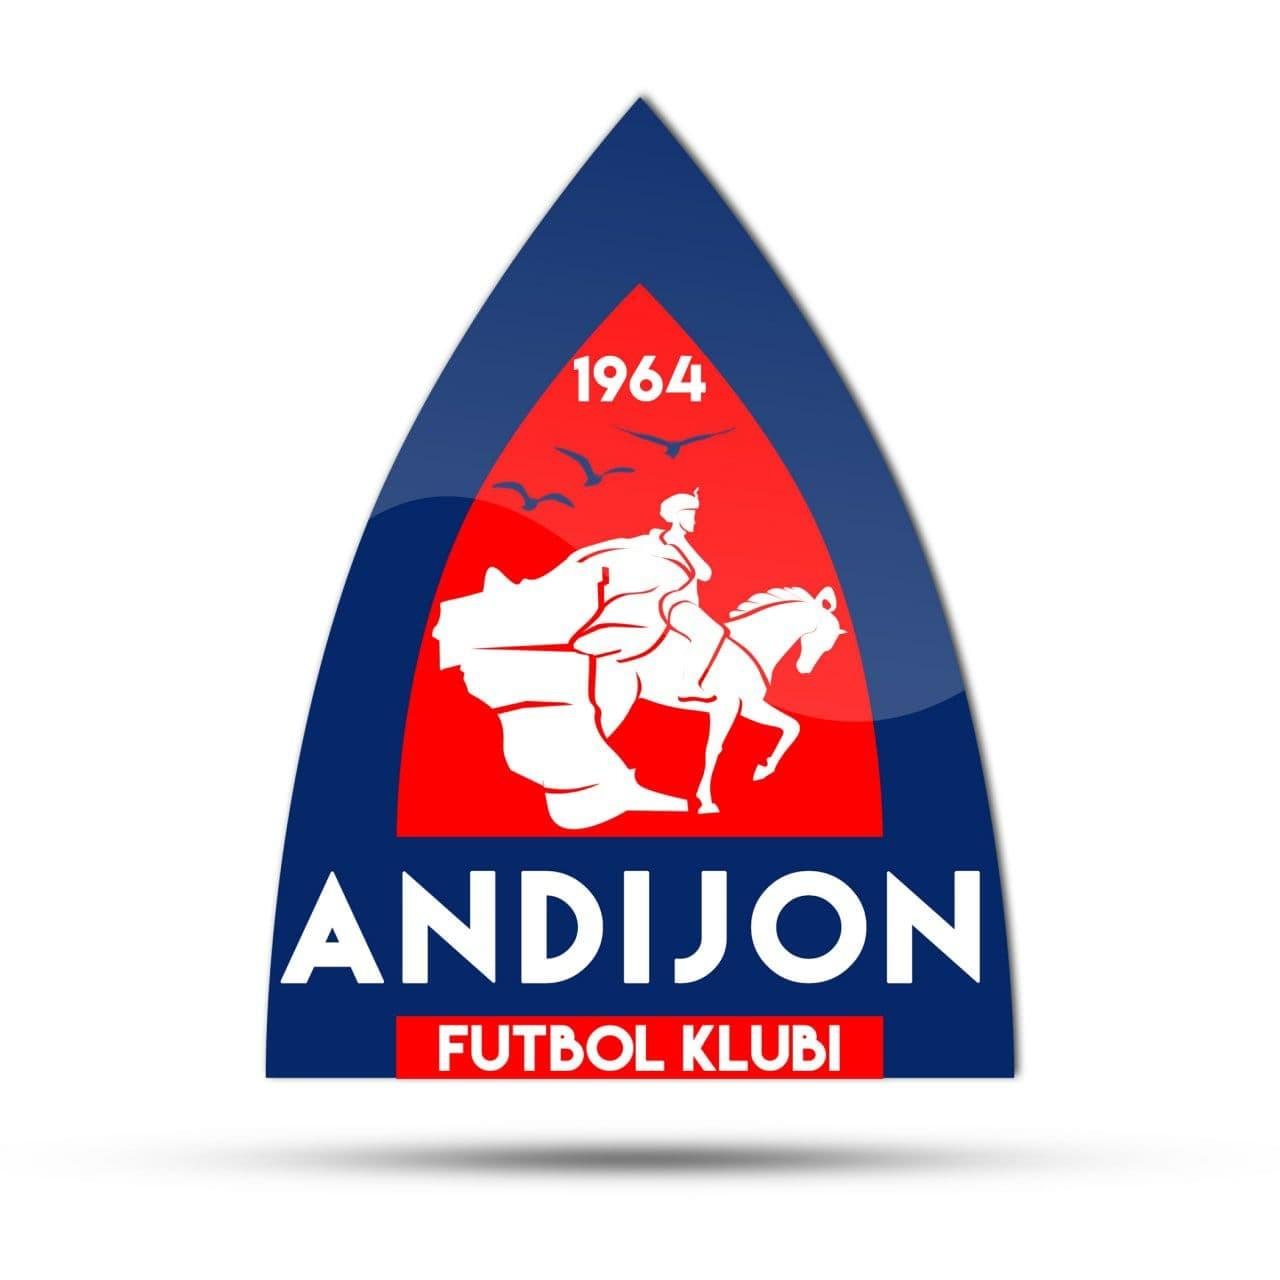 andijon logo new